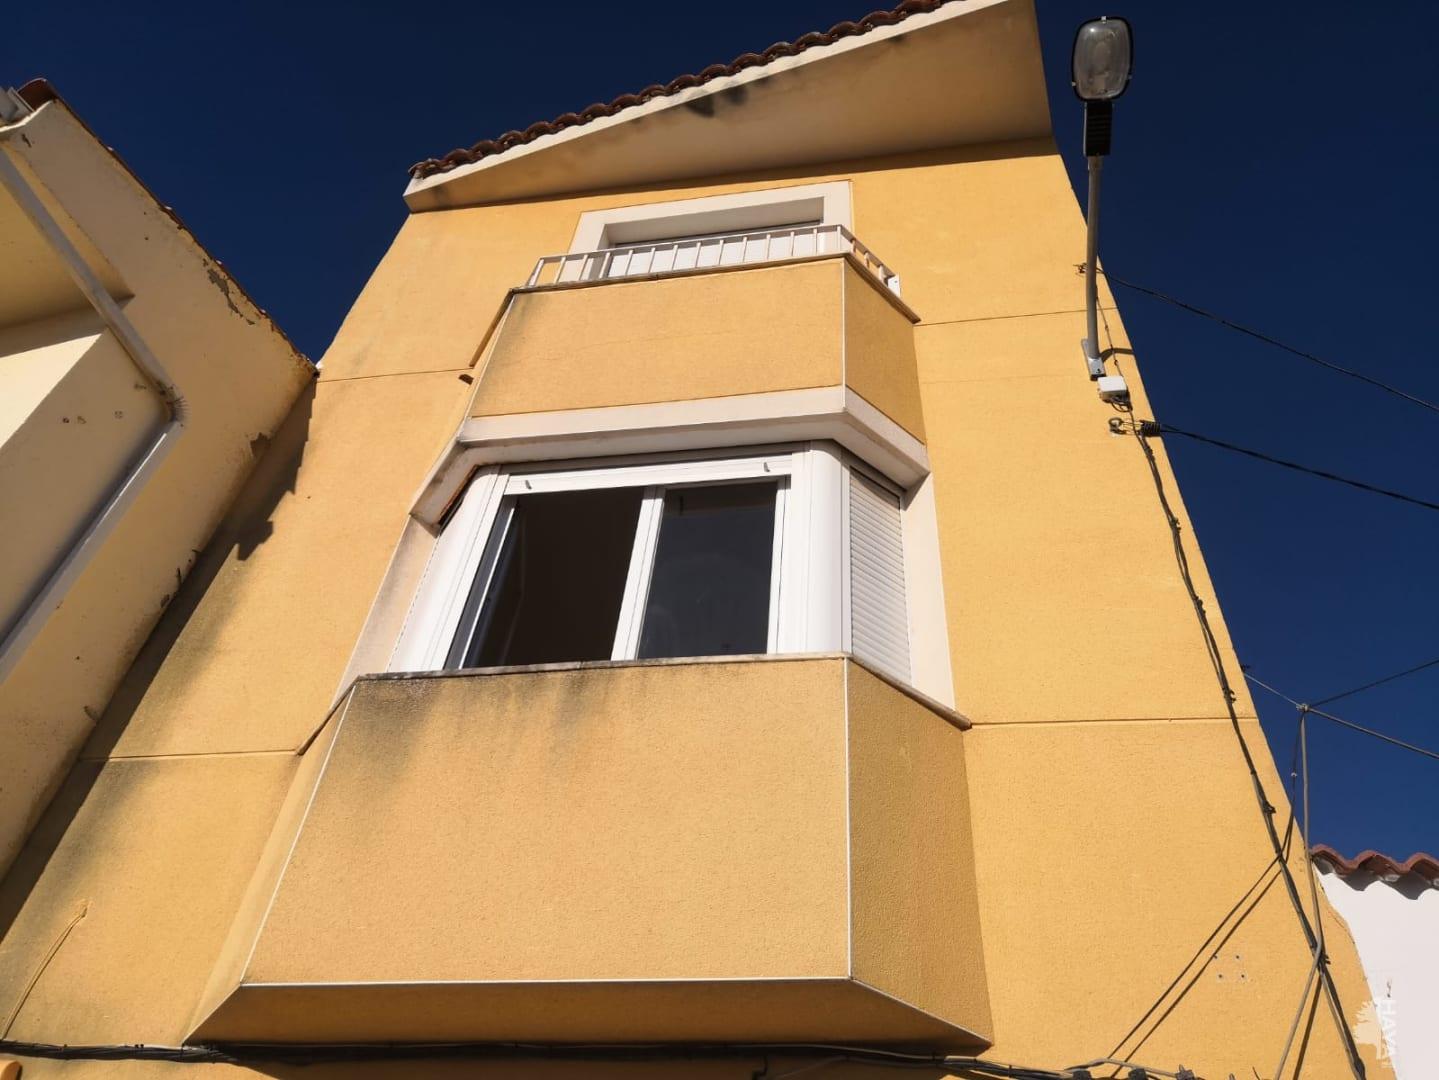 Piso en venta en Horcajo de Santiago, Cuenca, Calle Torrubia, 76.100 €, 4 habitaciones, 2 baños, 152 m2